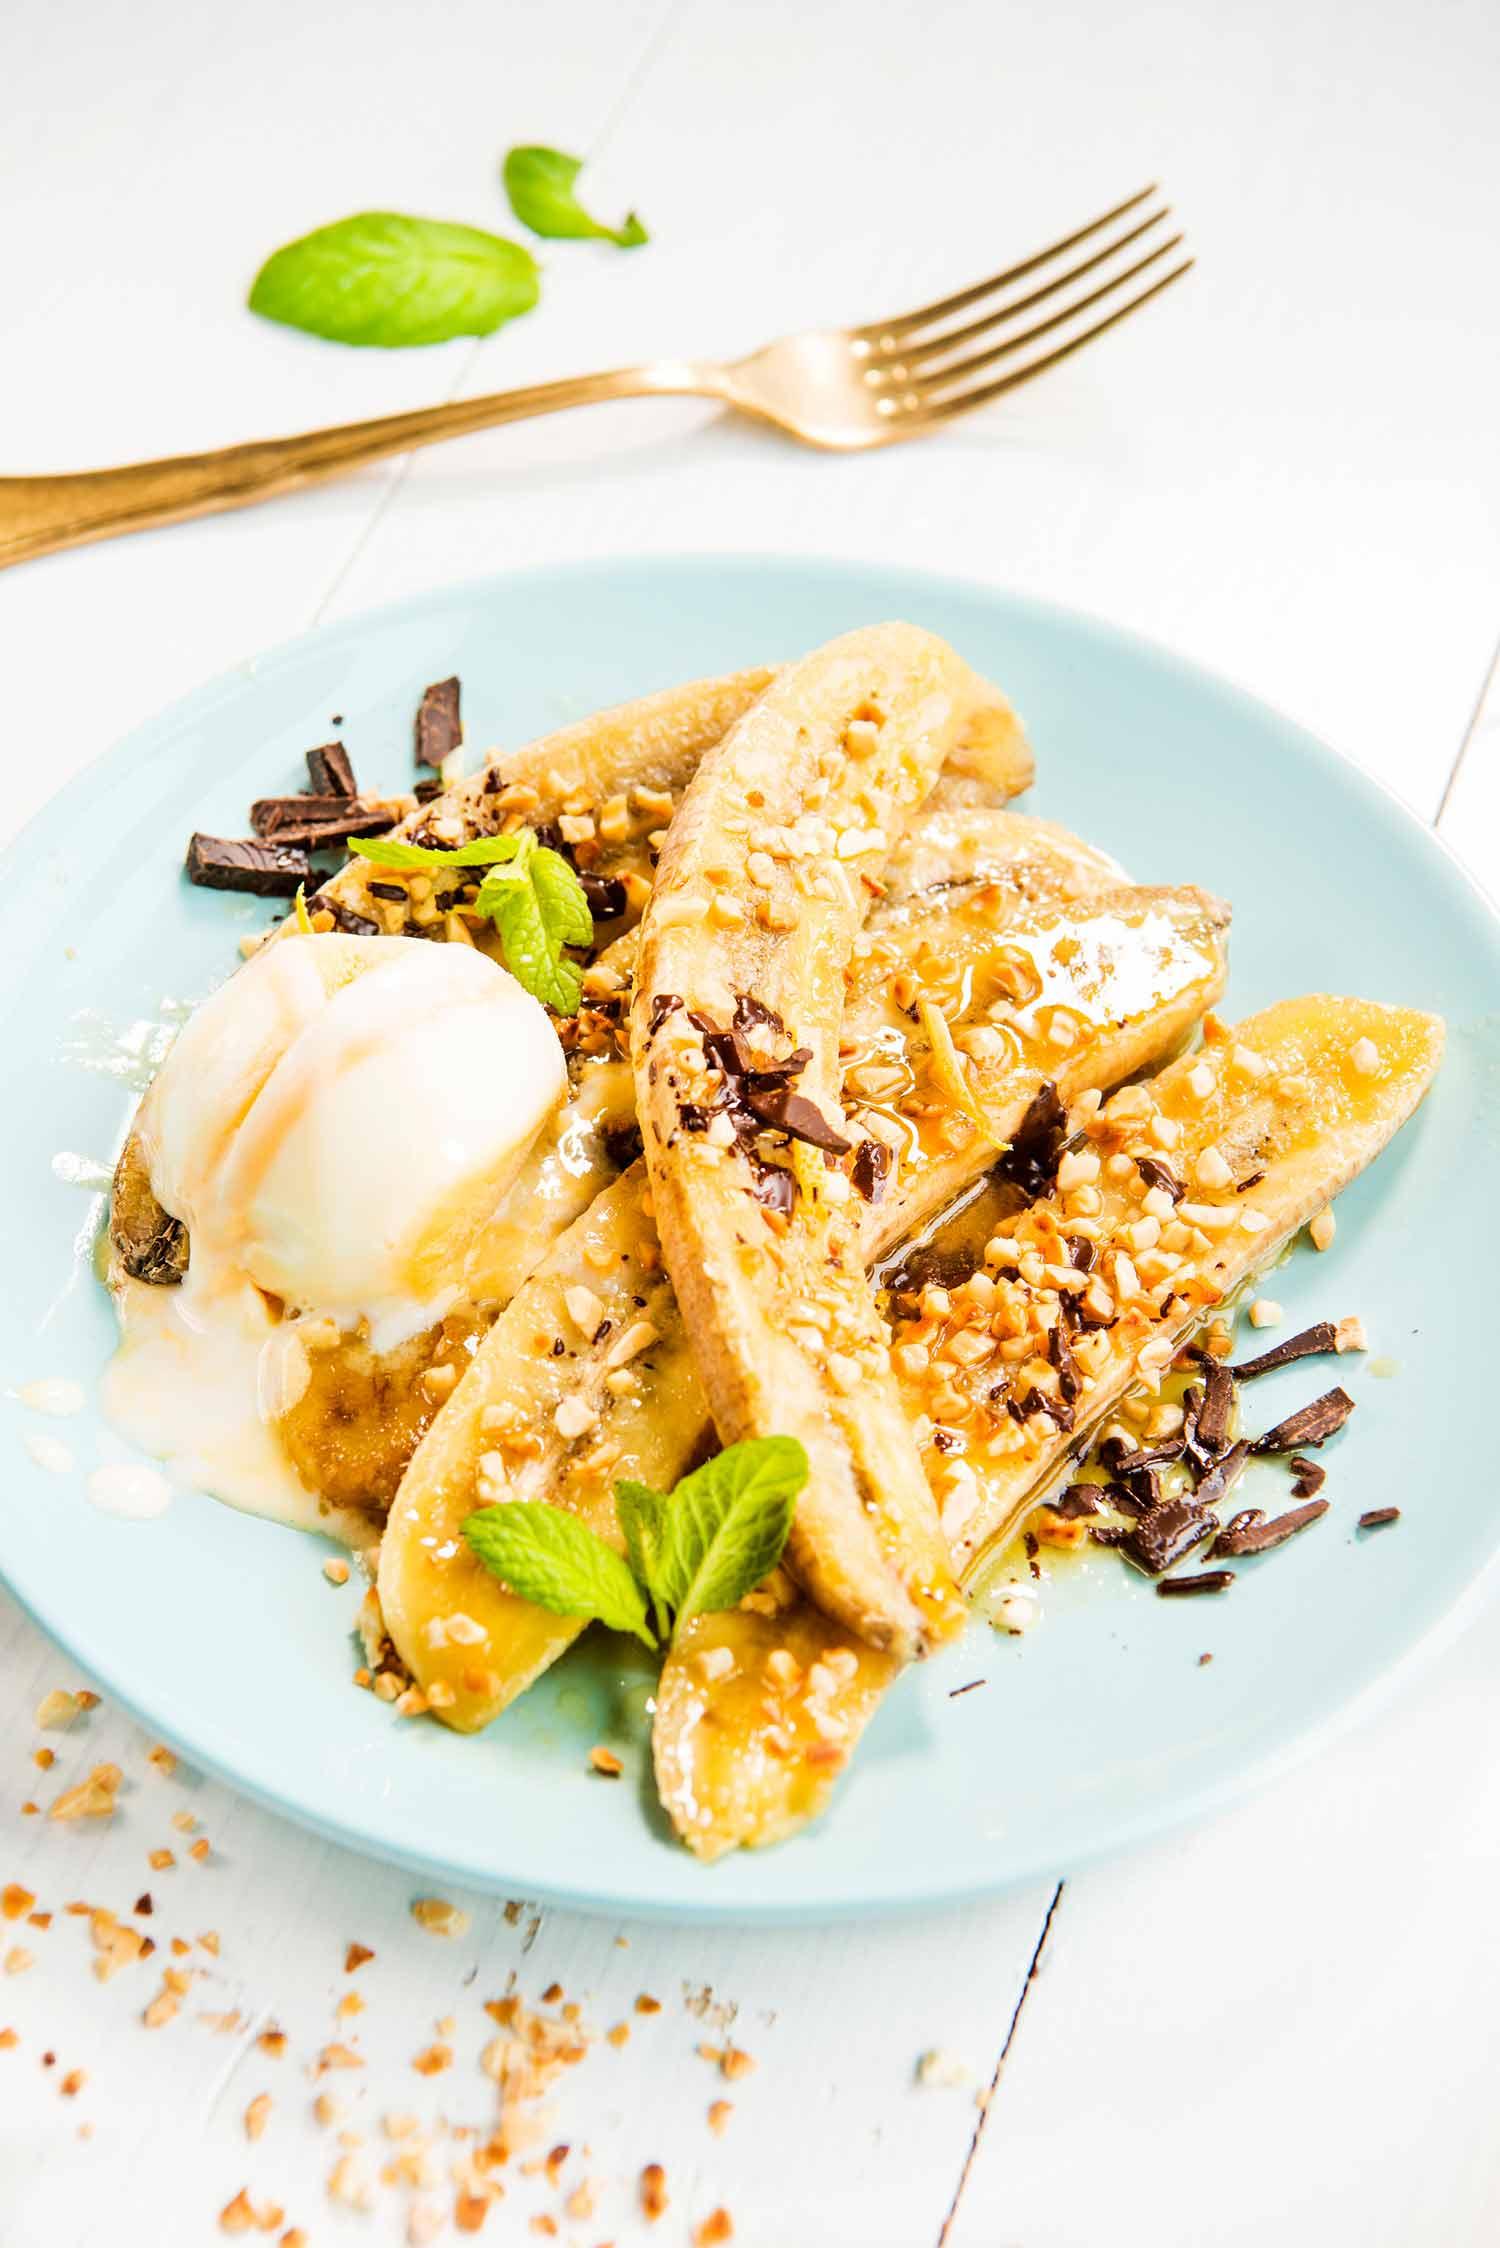 Karamellin makeiksi paahtuneet banaanit jäätelön kanssa tarjottuna ovat helppo jälkiruoka äitienpäivään.